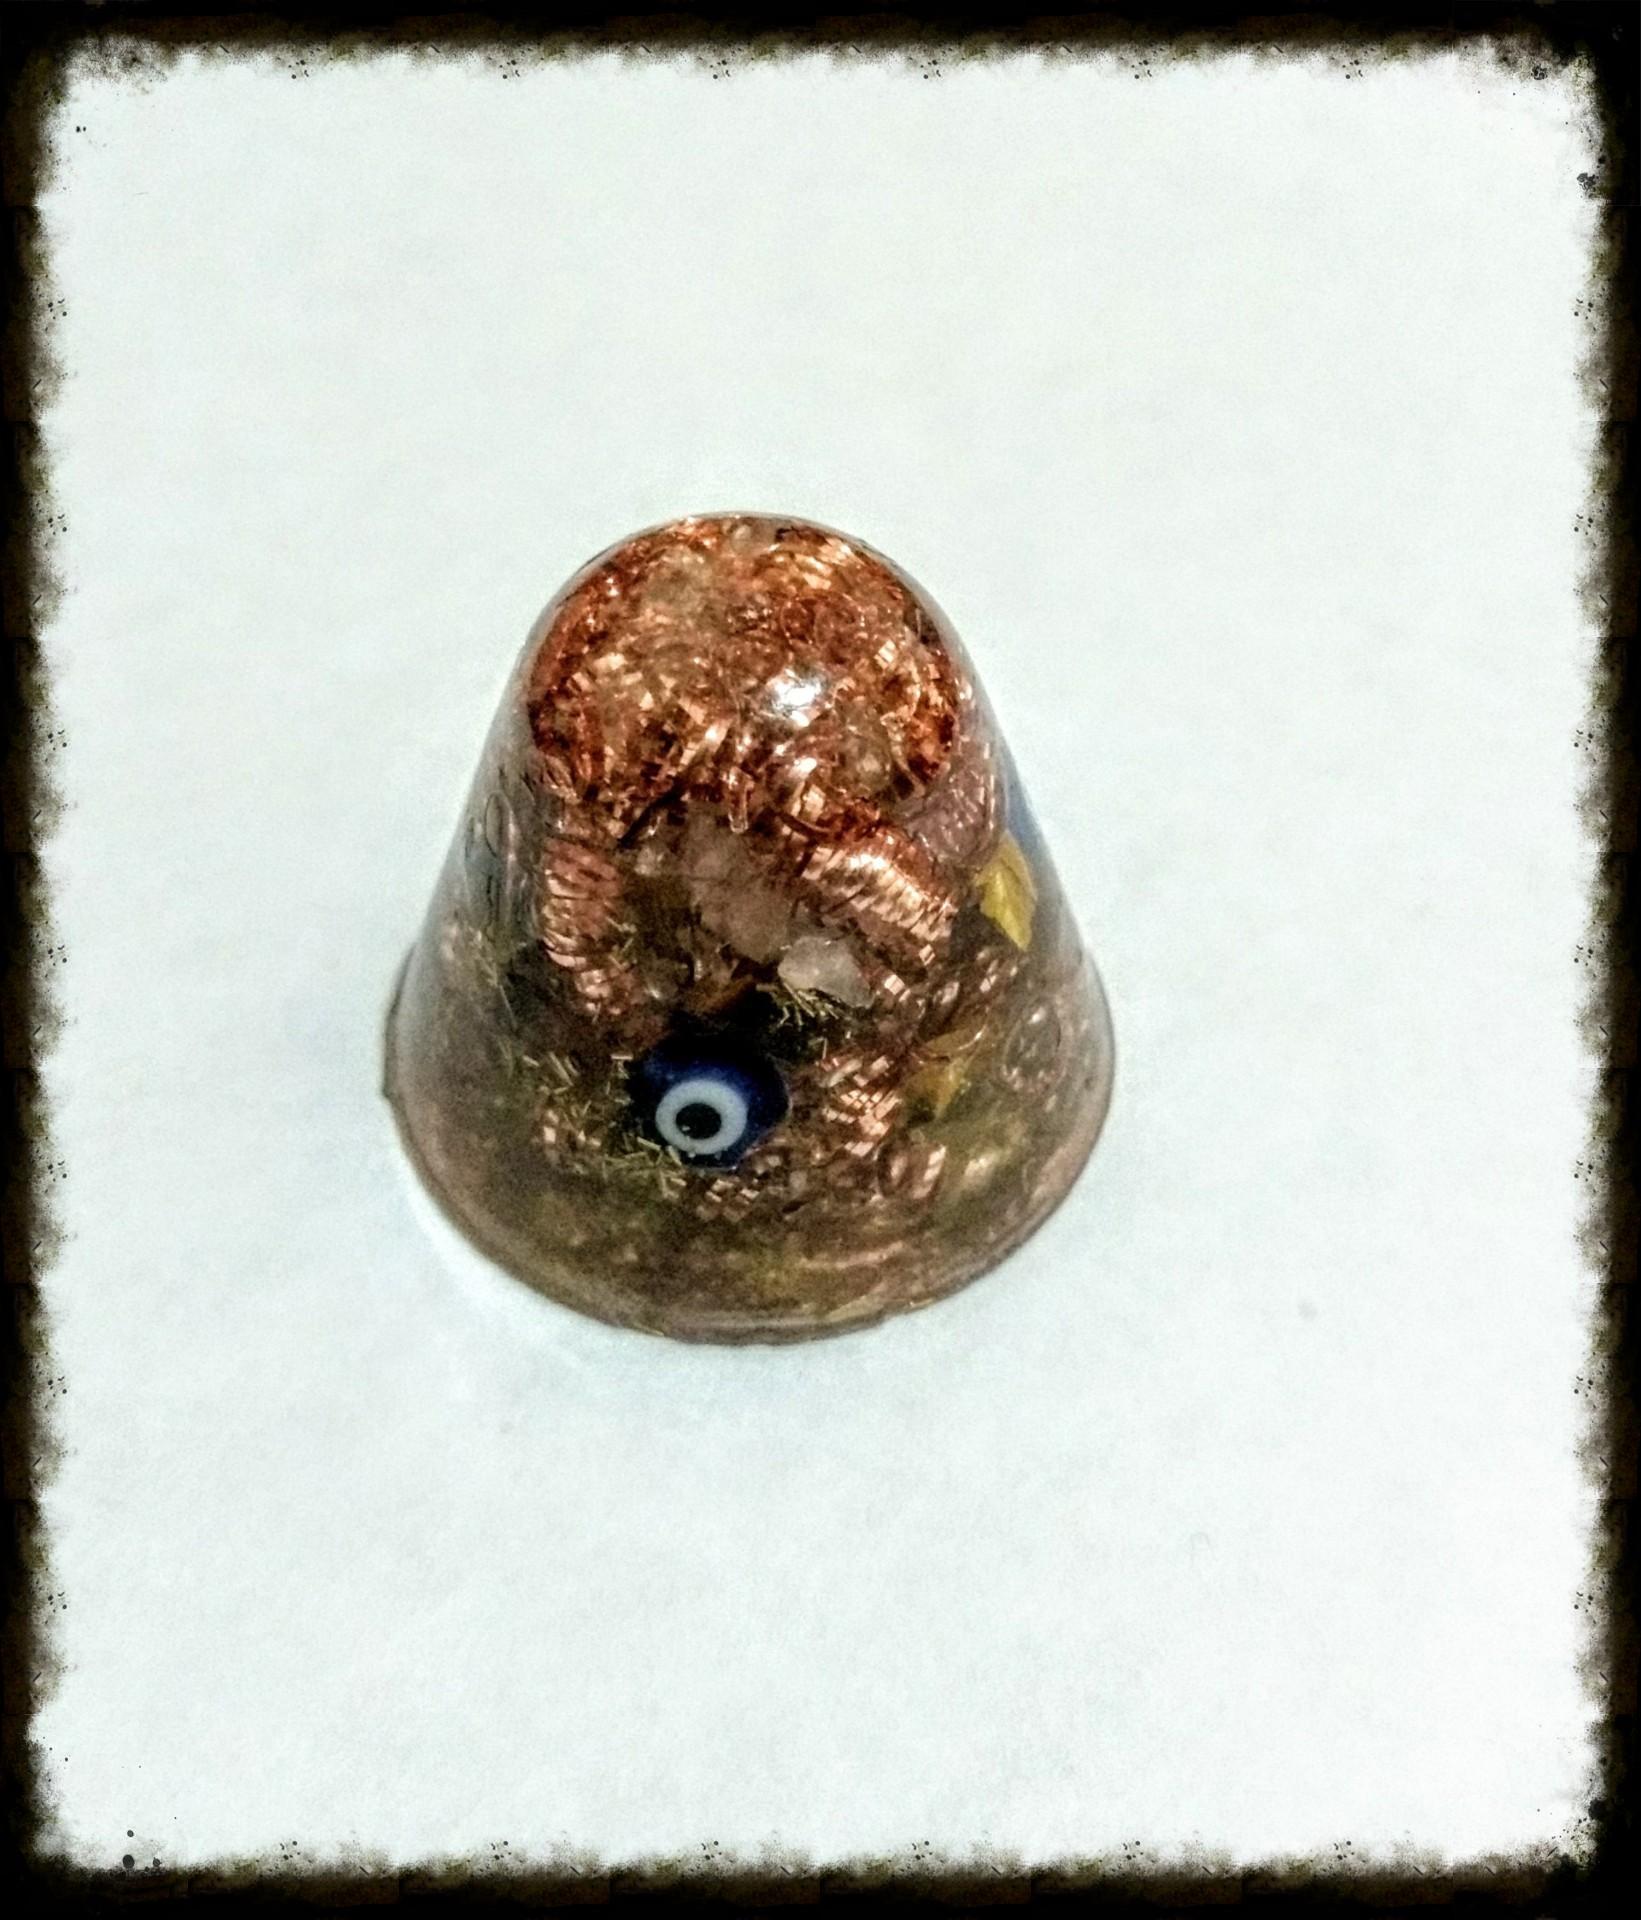 Piramides con punta redondeada mini, cuarzo rosado, ojo de tigre, ojos turcos, cobre y bronce